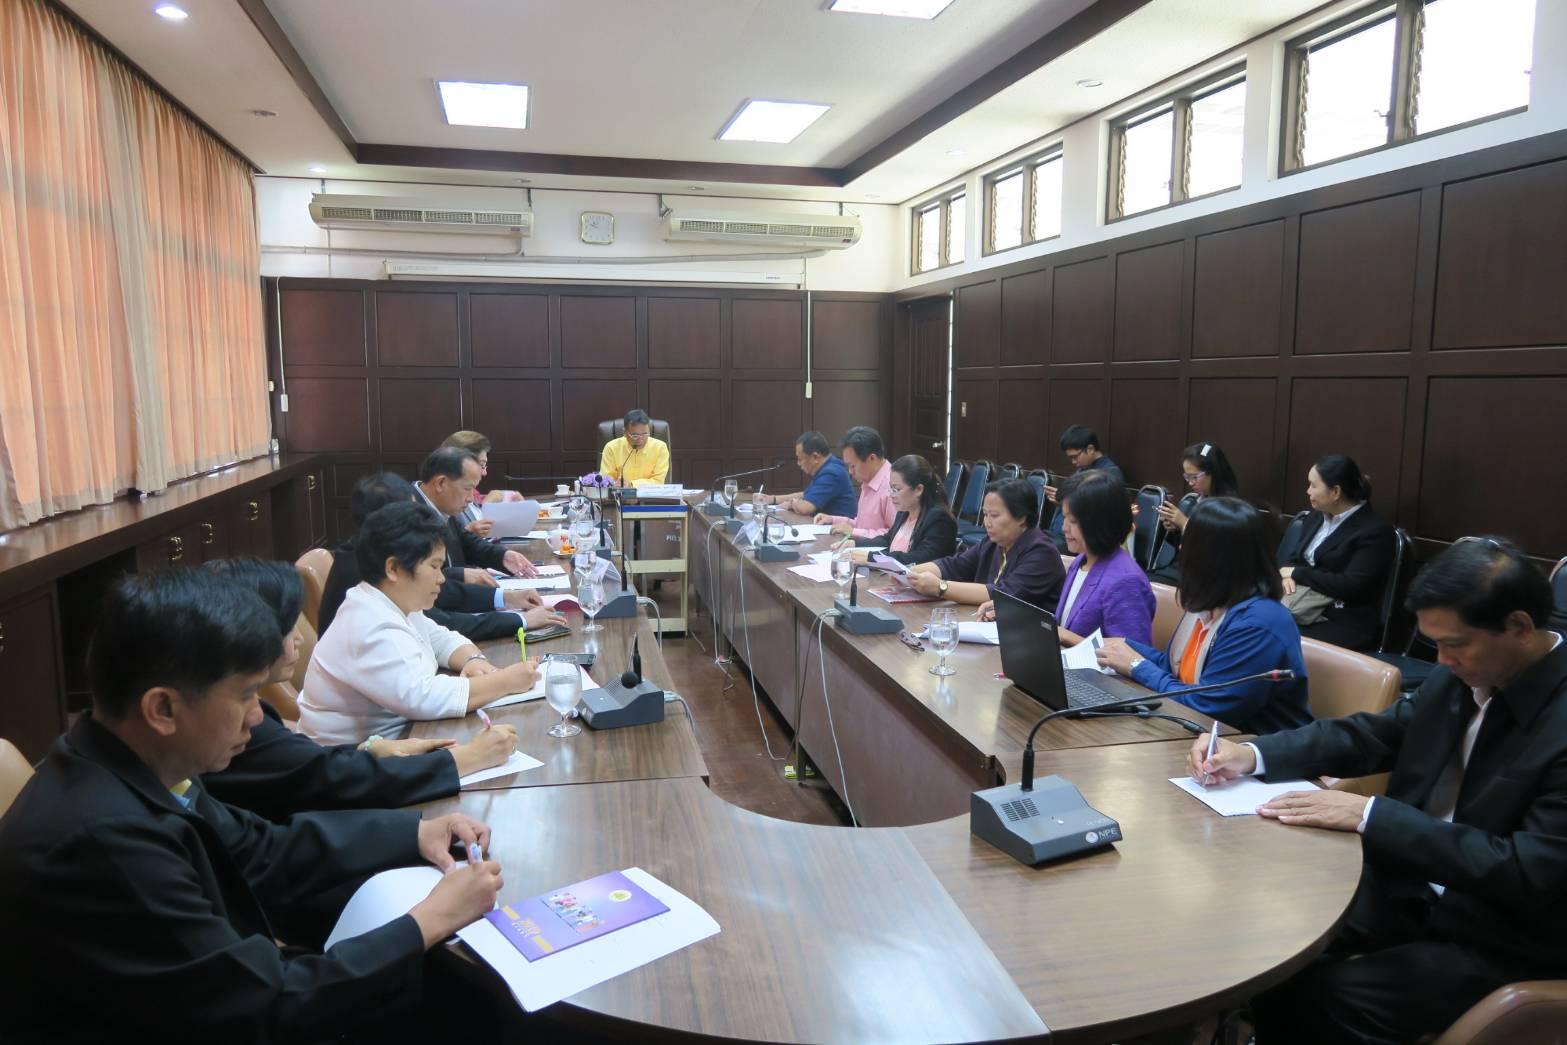 กรง.อบ. ร่วมประชุมหัวหน้าส่วนราชการสังกัดกระทรวงแรงงาน ประจำเดือน มกราคม 2563